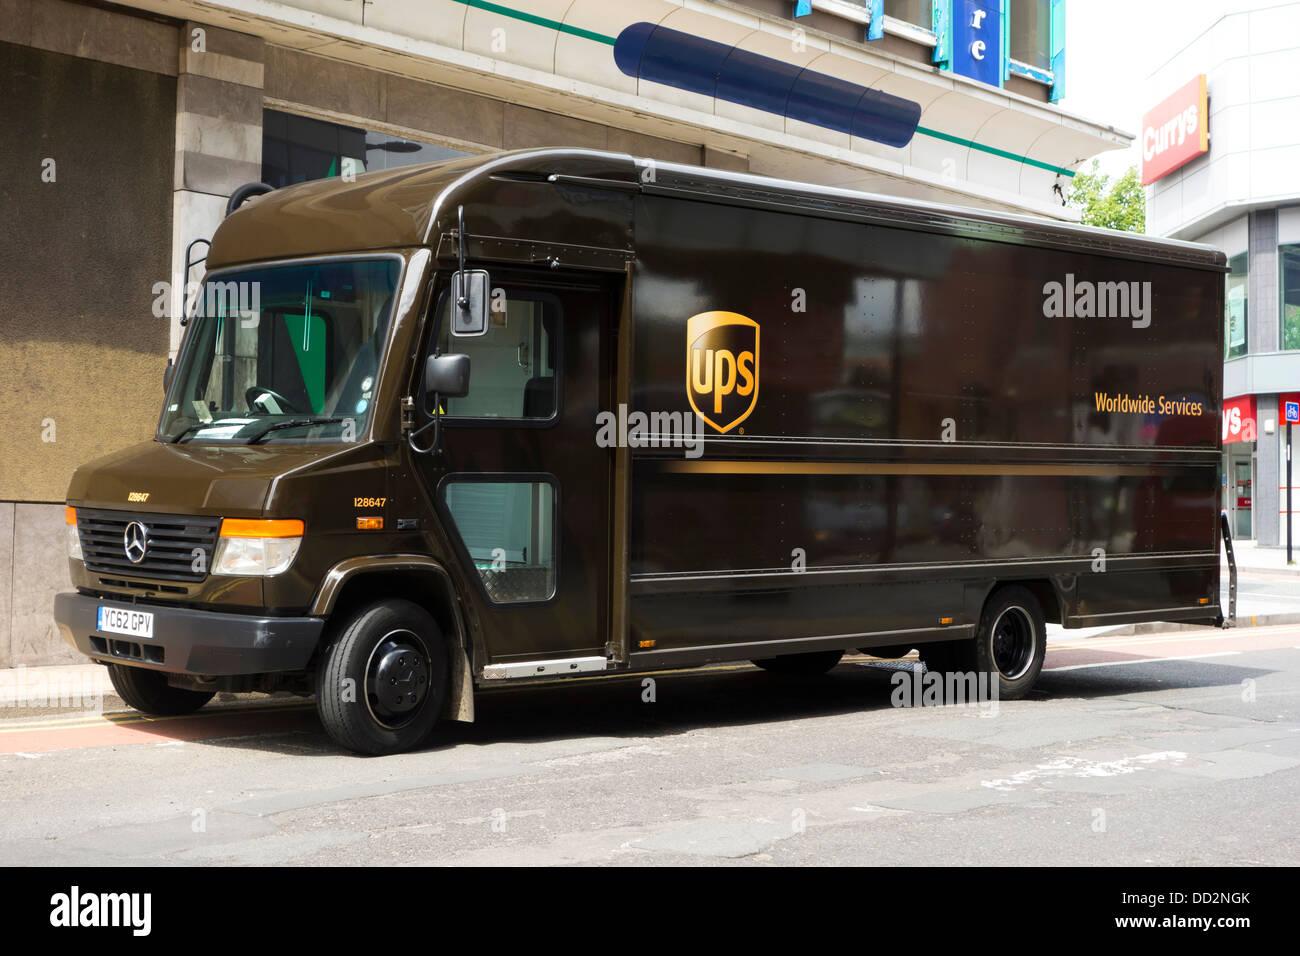 ups truck delivery van stockfotos ups truck delivery van bilder alamy. Black Bedroom Furniture Sets. Home Design Ideas